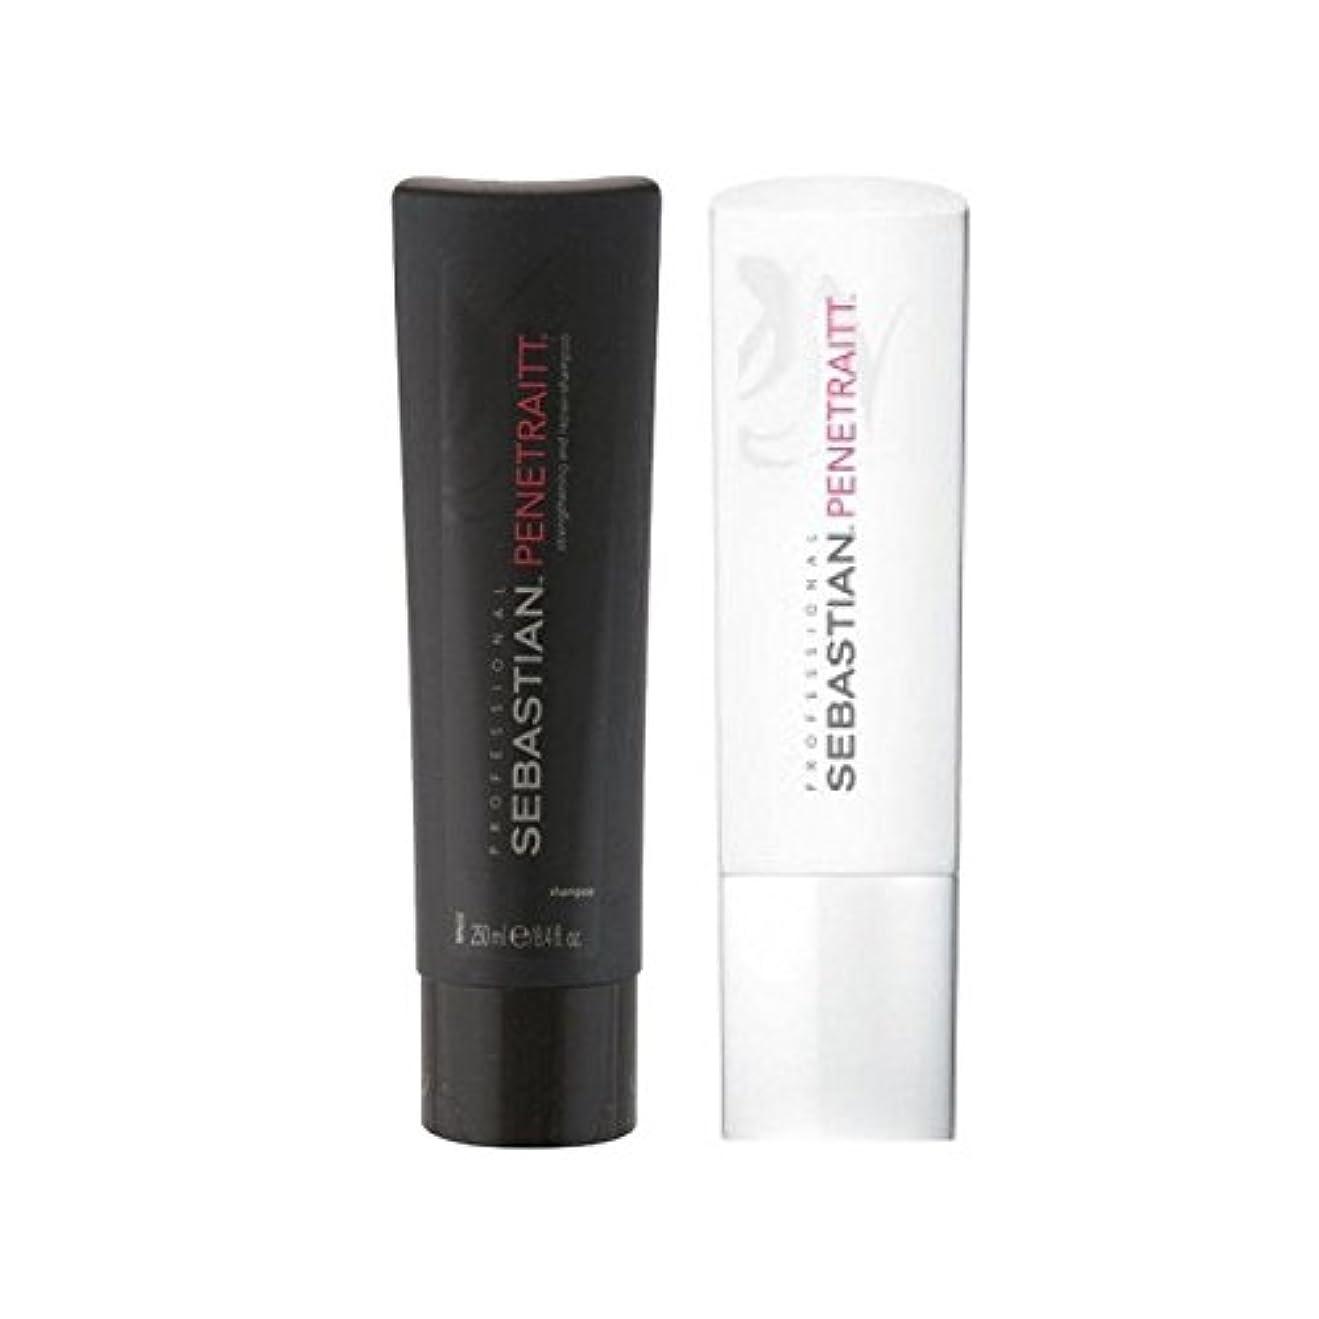 殉教者天才まぶしさセバスチャンプロデュオ - シャンプー&コンディショナー x2 - Sebastian Professional Penetraitt Duo - Shampoo & Conditioner (Pack of 2) [並行輸入品]